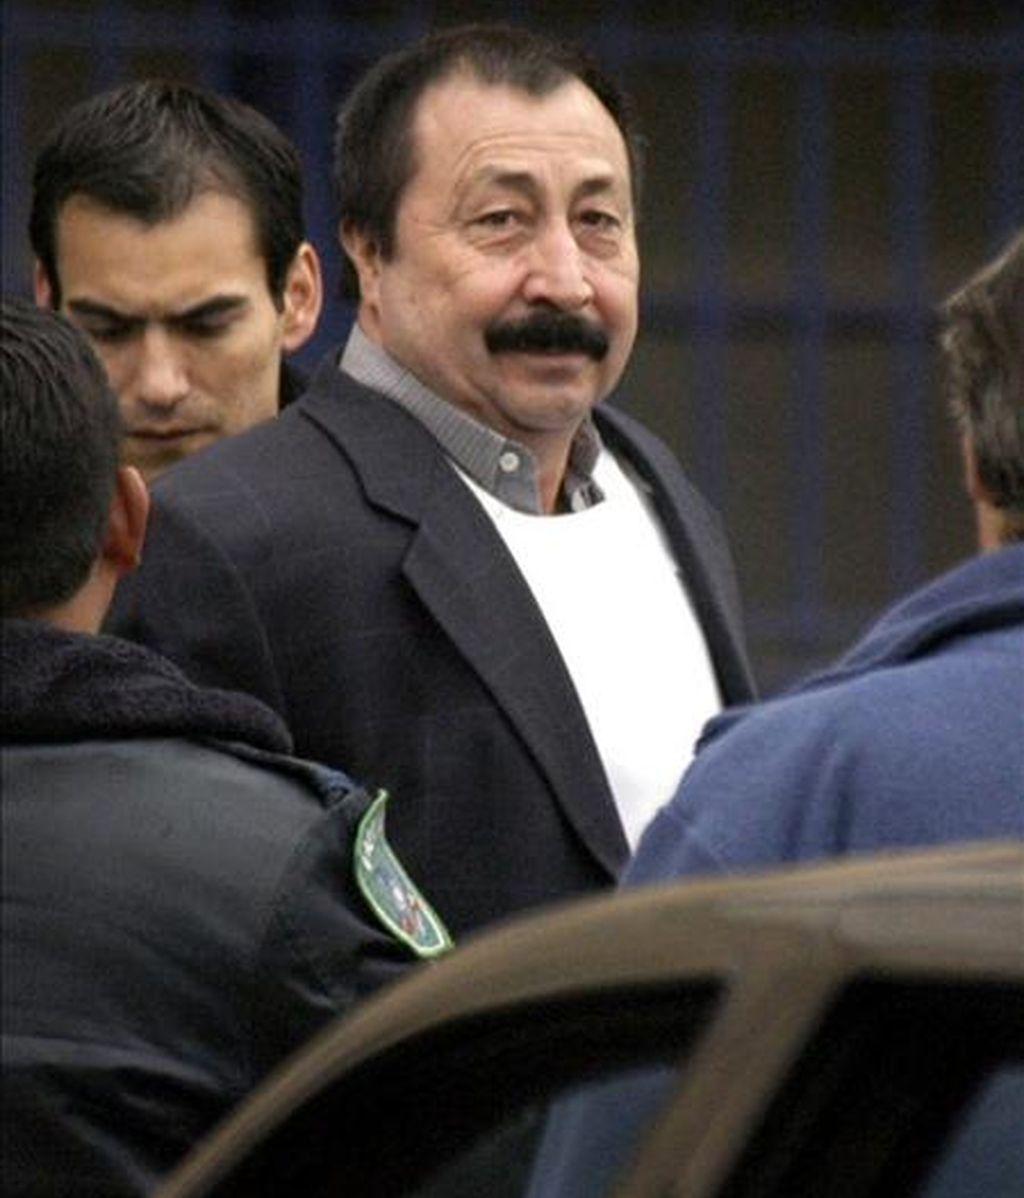 Apablaza, ex líder de la guerrilla Frente Patriótico Manuel Rodríguez, es acusado de ser el autor intelectual del homicidio en 1991 del senador derechista Jaime Guzmán, considerado ideólogo del régimen de Augusto Pinochet . EFE/Archivo